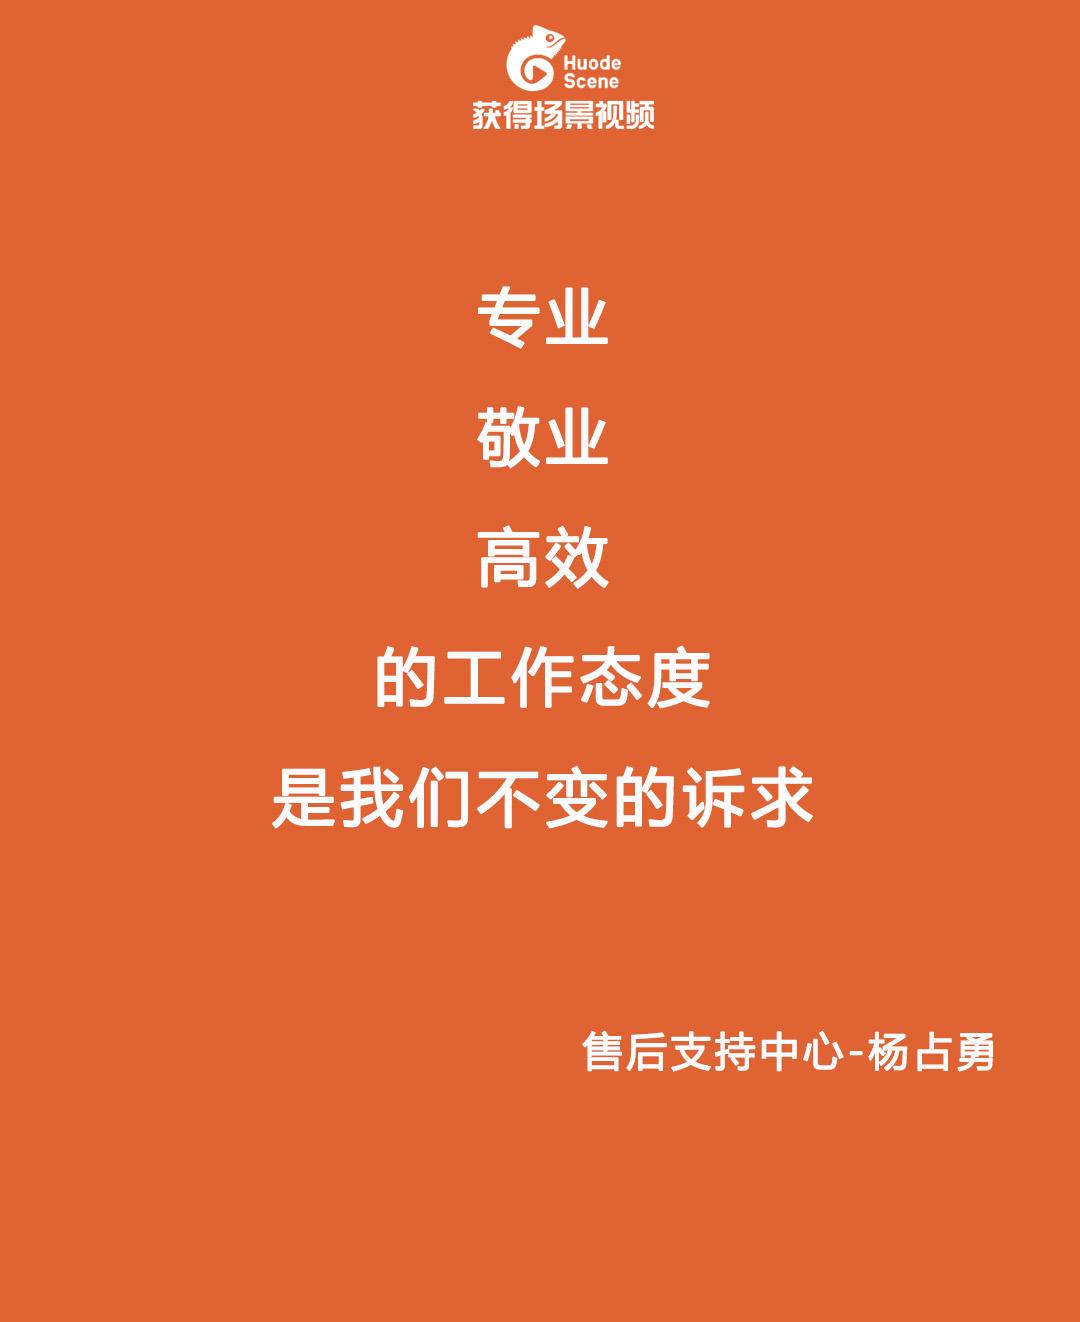 广西好精神(农夫词 莫军生曲)_简谱_曲谱库【乐器圈】